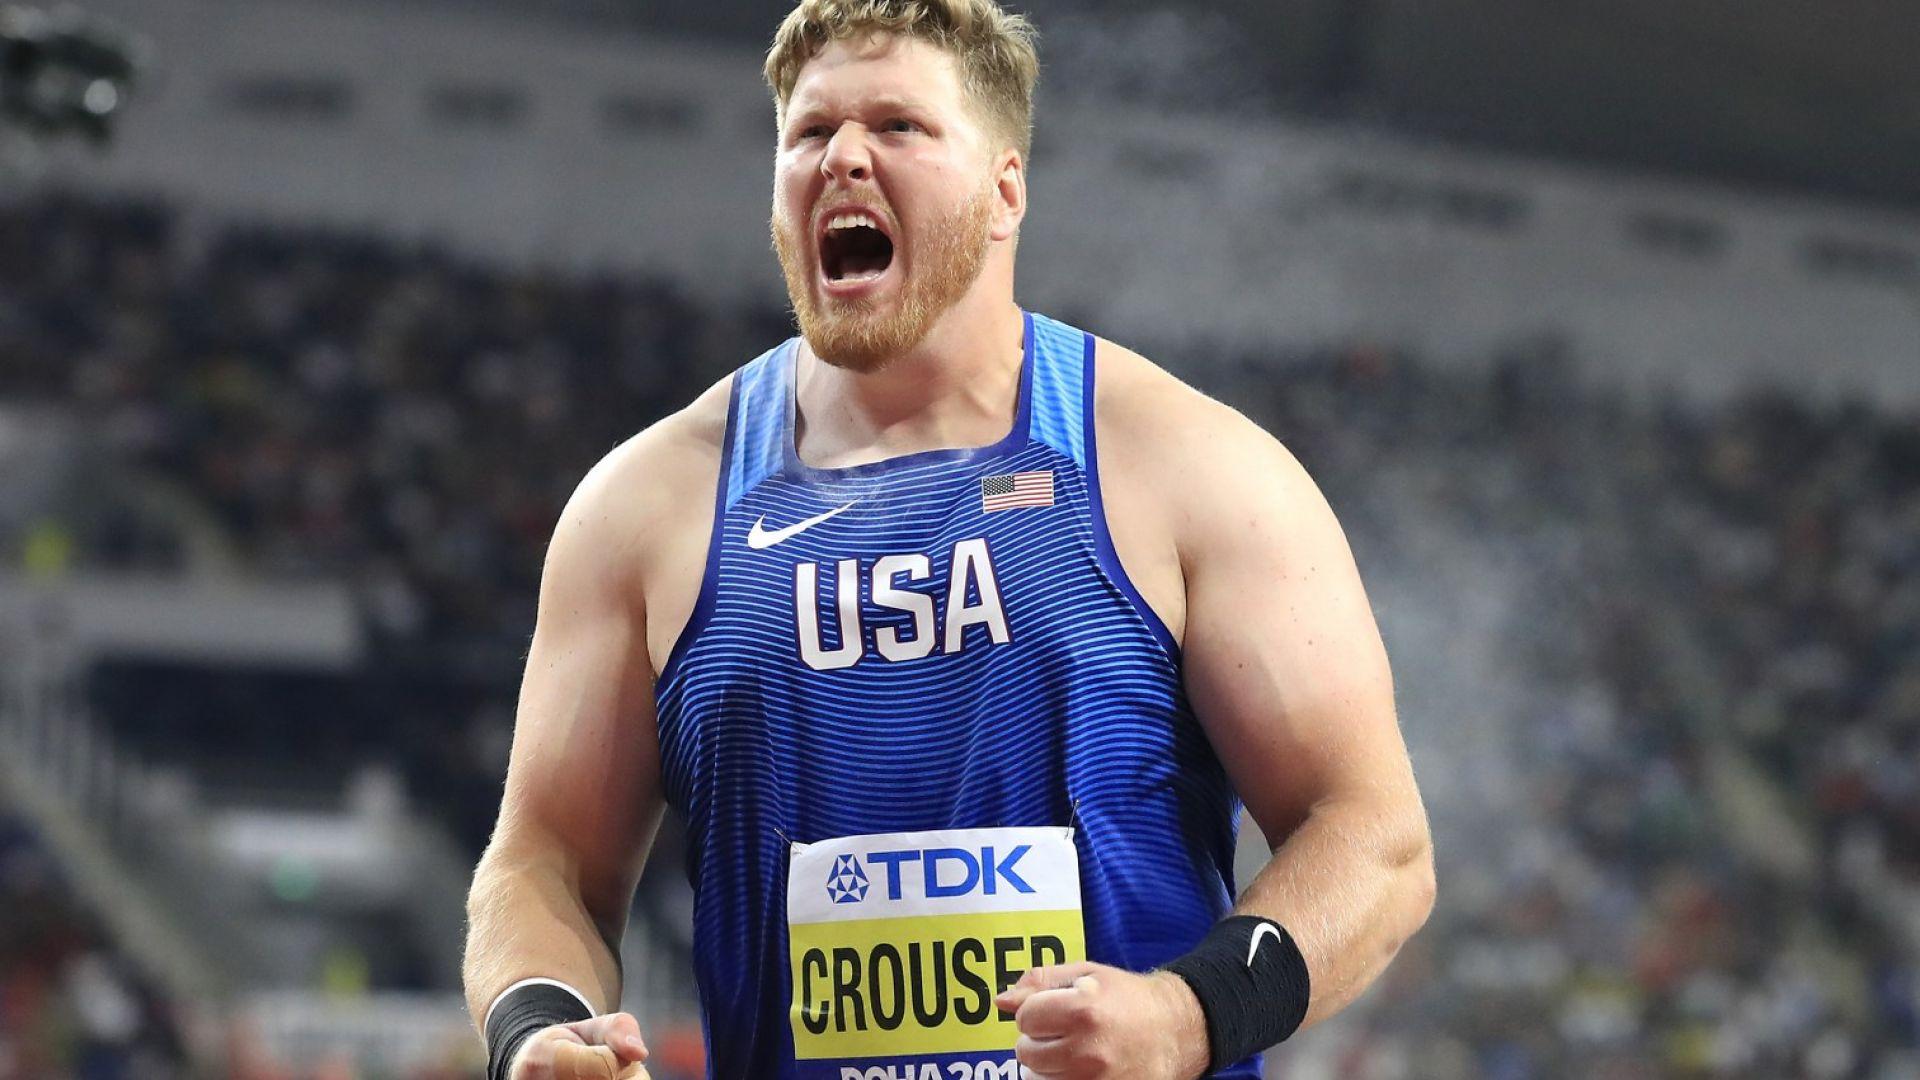 32-годишен рекорд беше подобрен в леката атлетика